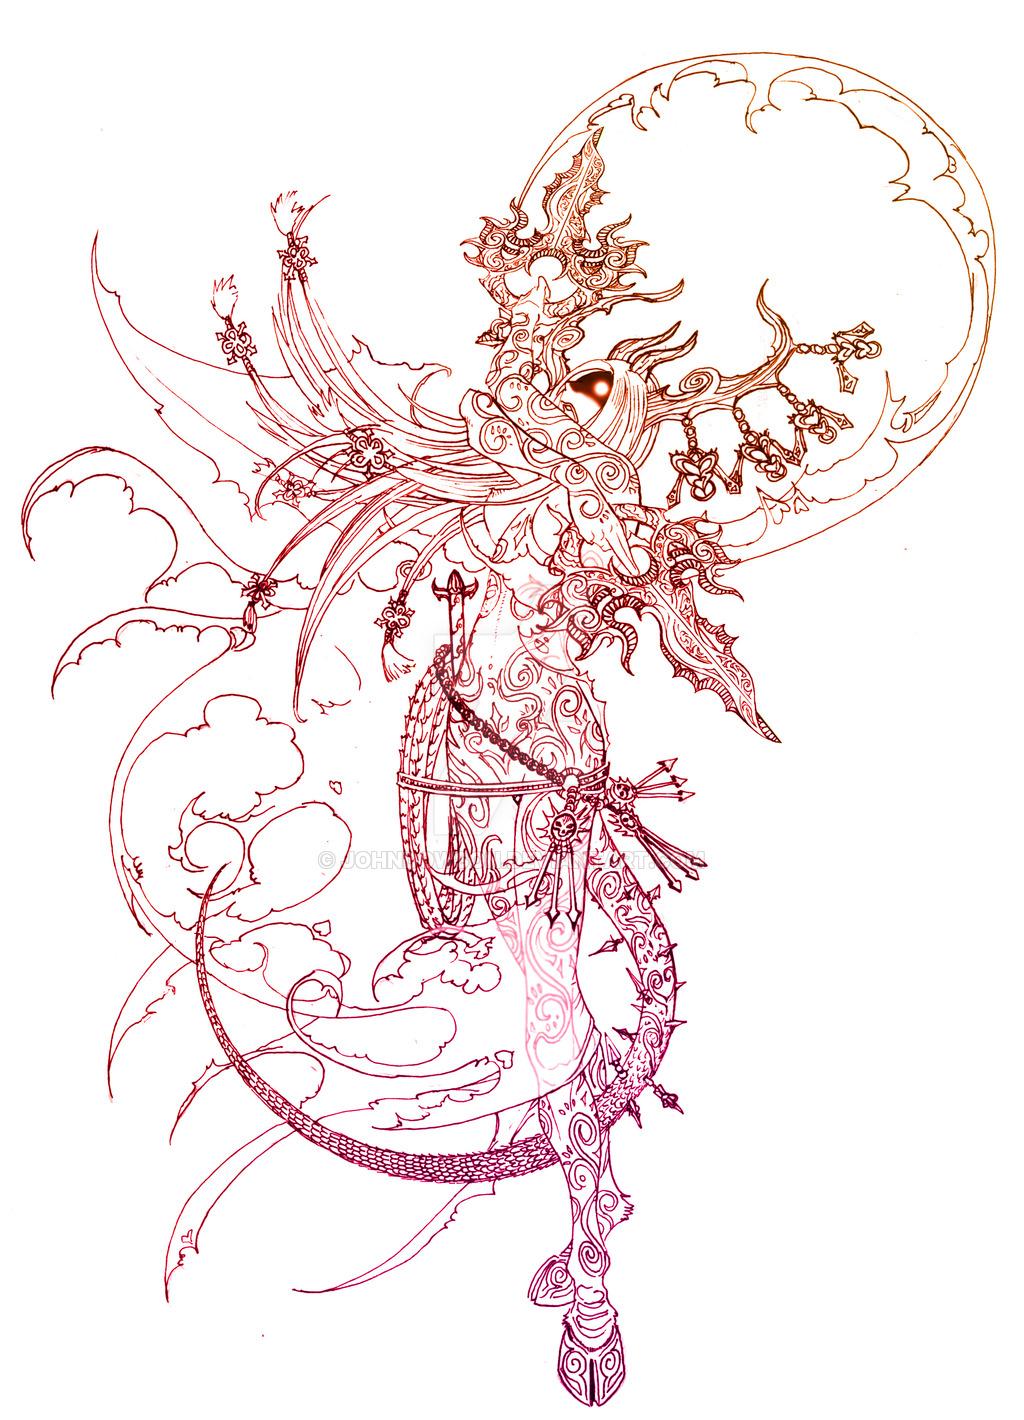 """johndowson devils """"Lilith, consort to Baalzebul"""", parte del progetto """"Consorts of the Arch-devils"""" - by Johndowson (Paolo Giandoso) johndowson.deviantart.com (2007) © dell'autore tutti i diritti riservati"""